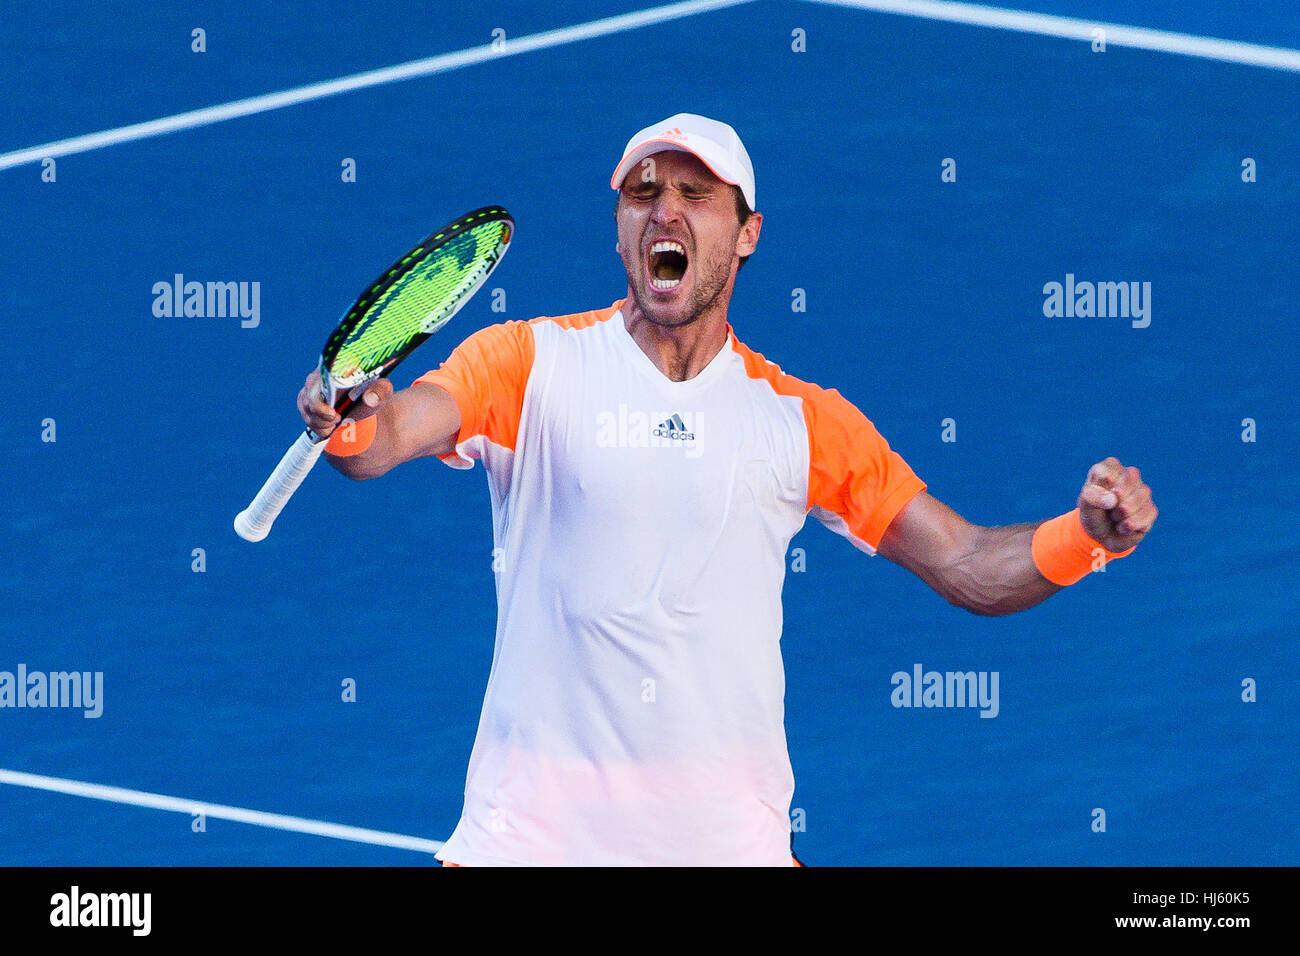 Mischa Zverev da Alemanha sustitui número um mundial Andy Murray durante o ténis 2017 Open da Austrália Imagens de Stock